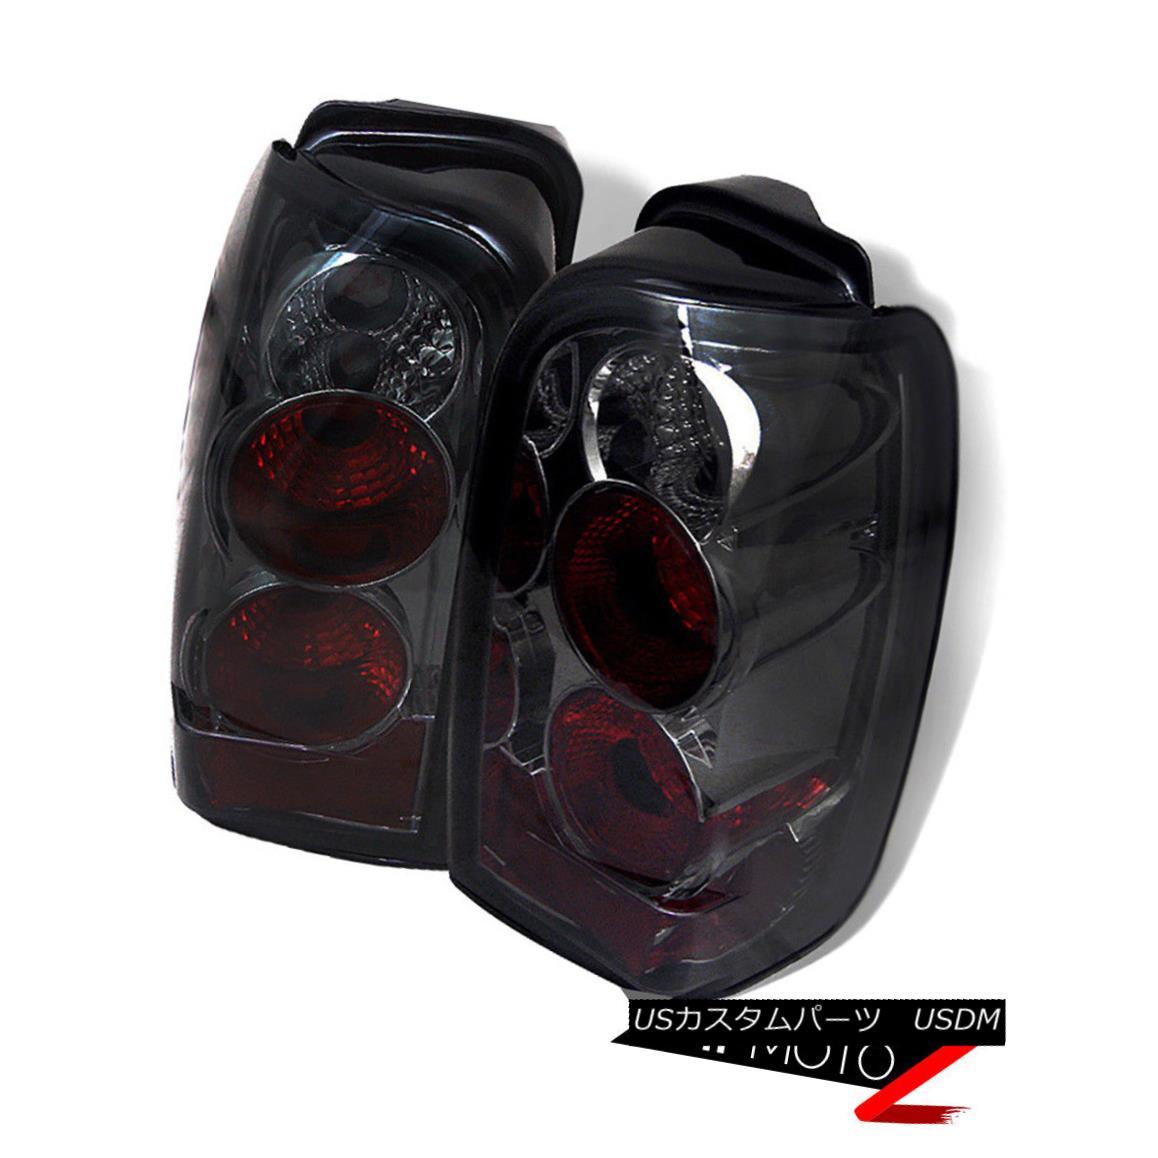 テールライト 96-00 Toyota 4runner SR5 Limited Sport Smoke Altezza Tail Light Signal Lamp L+R 96-00トヨタ4ランナーSR5限定スポーツスモークアルテッツァテールライトシグナルランプL + R